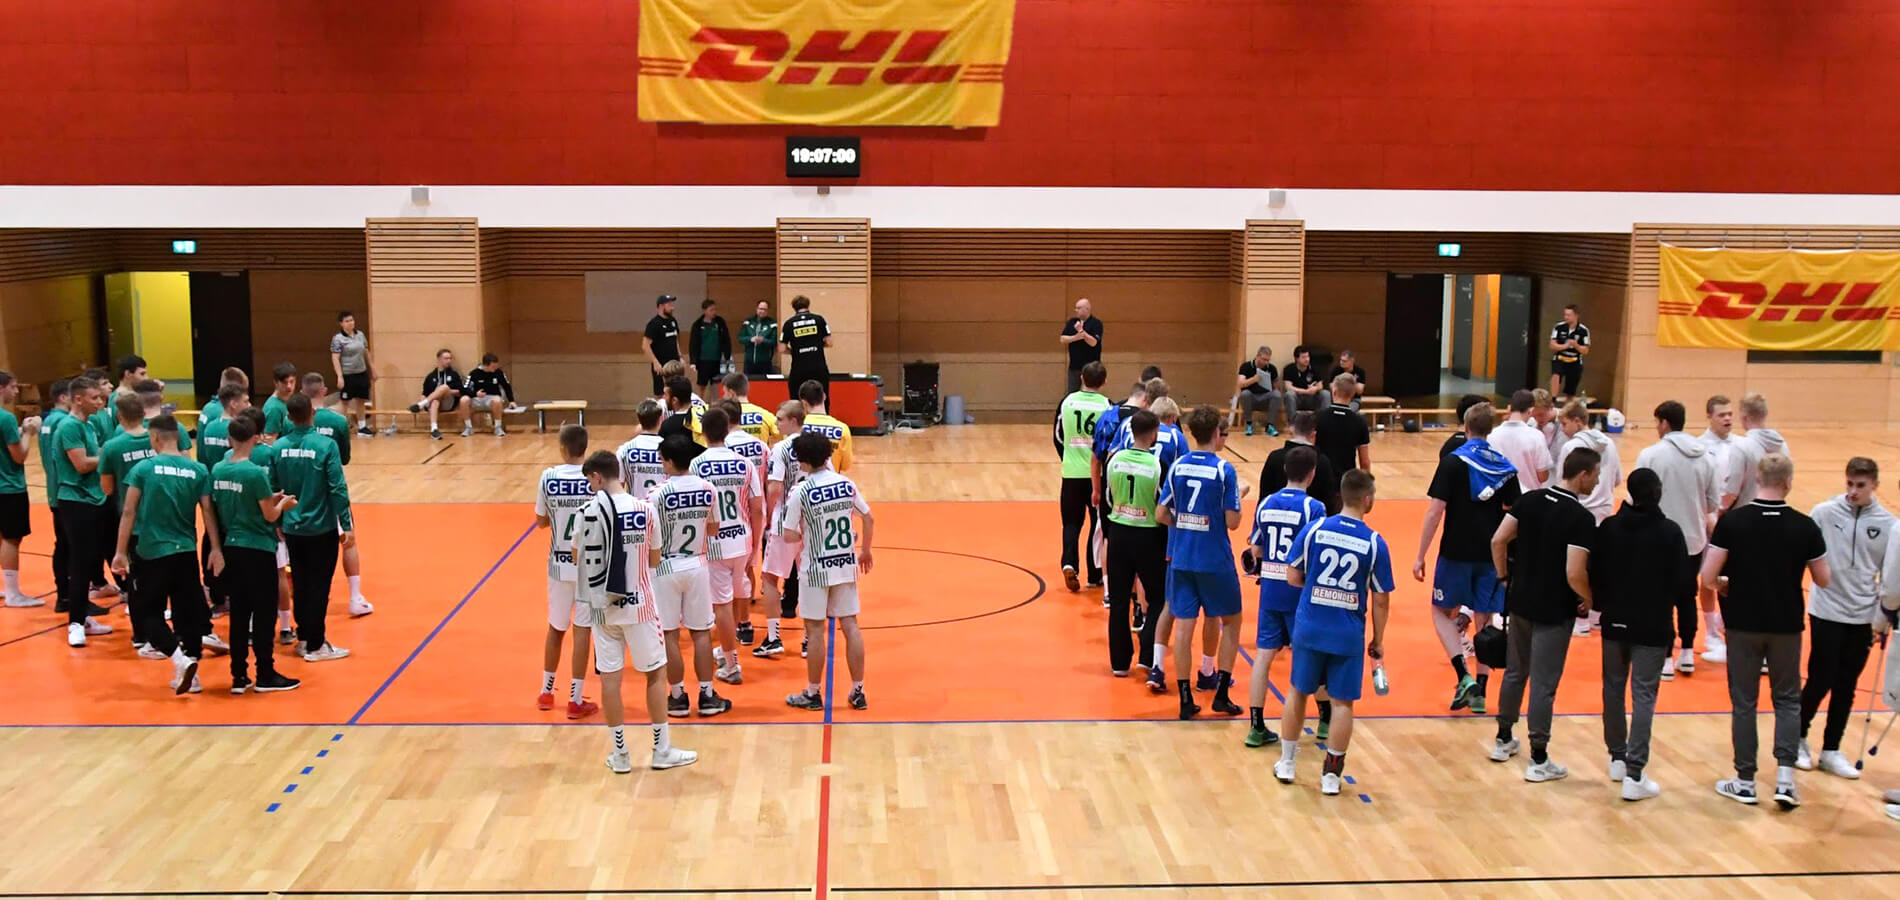 Viele Teams in einer Halle